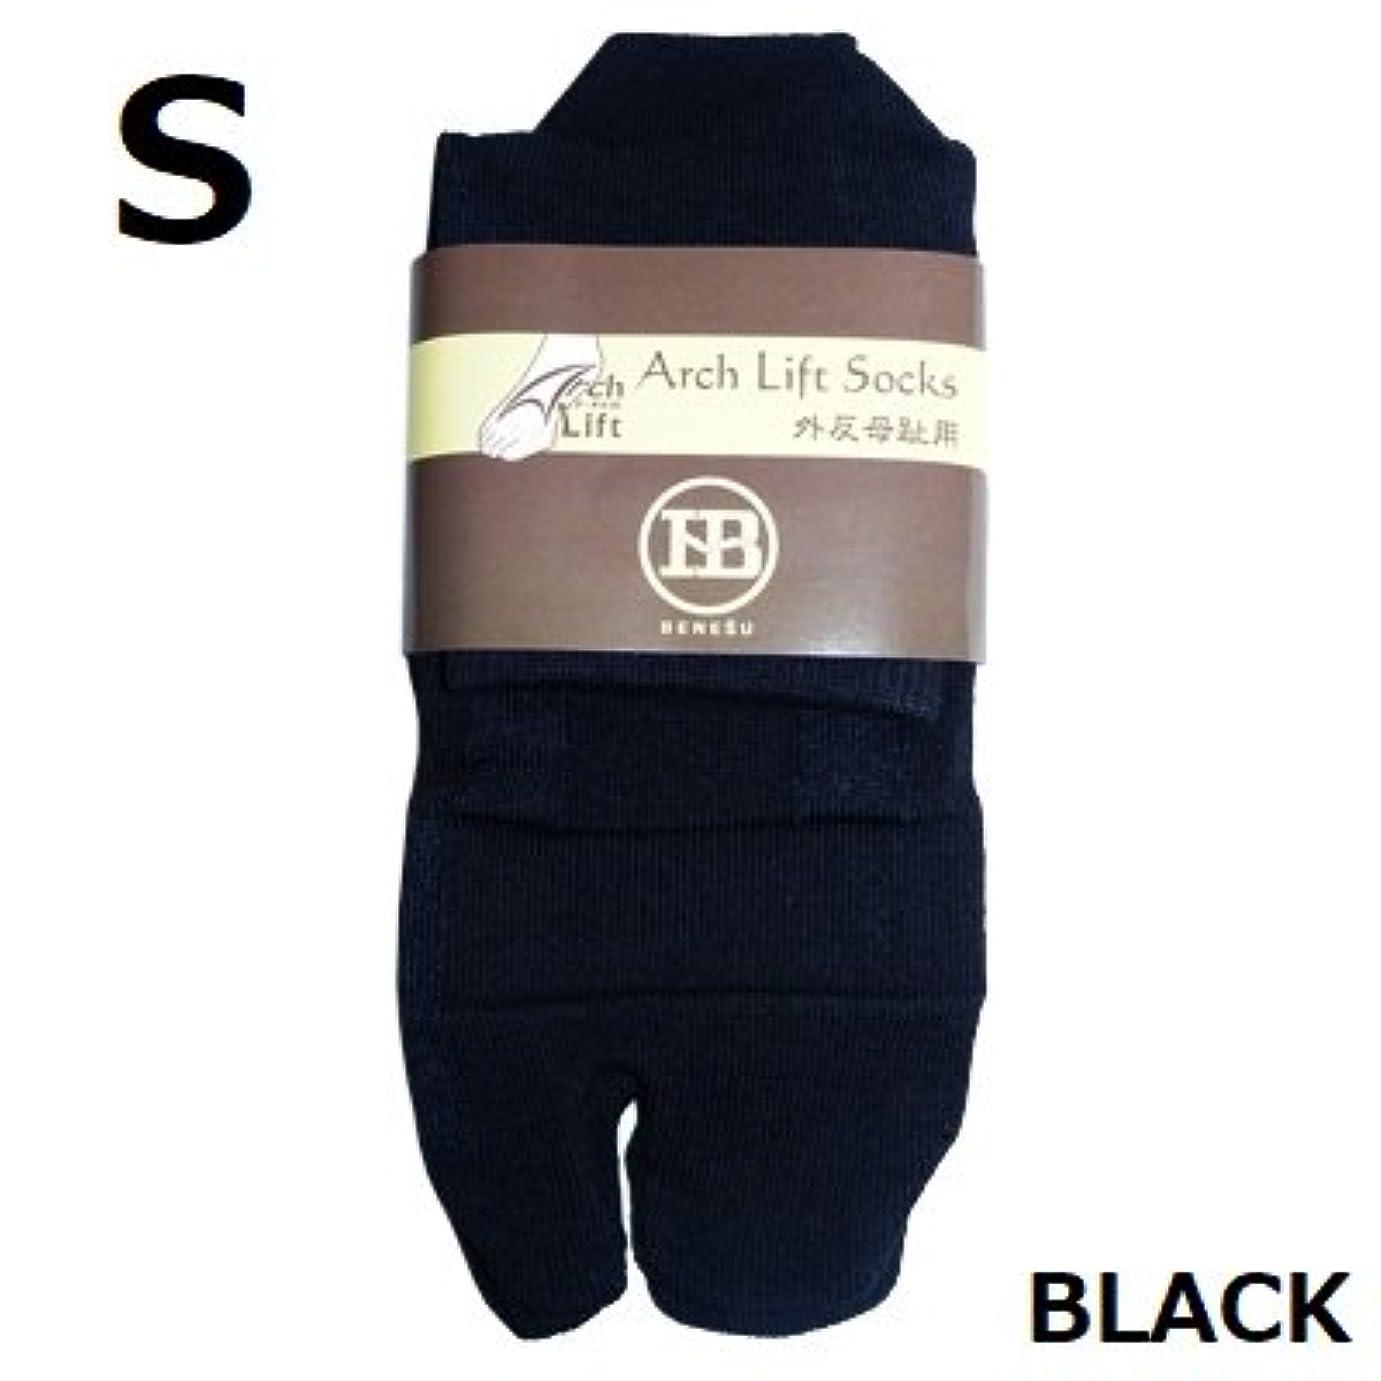 テスト条件付き襟アーチライフソックス 外反母趾 テーピング加工靴下 サポーター(カラー:黒色)(サイズ:S)